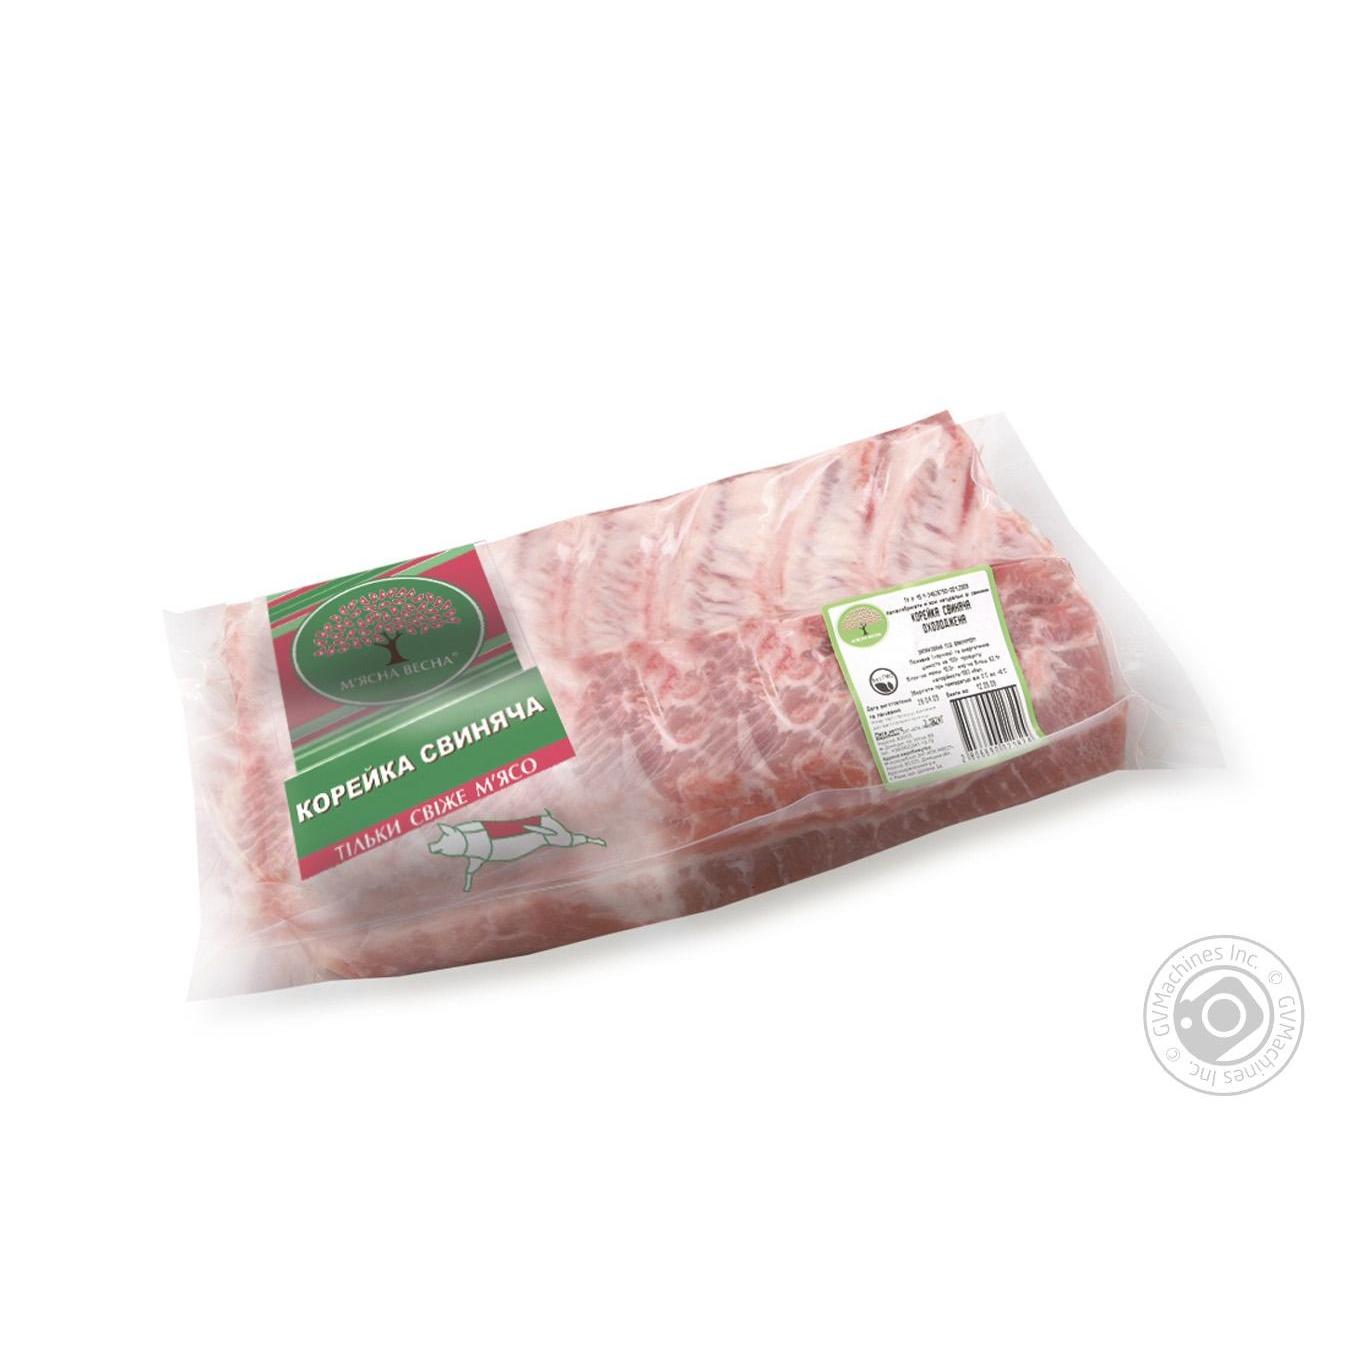 Купить Корейка свиная Мясная весна с костью от 4000г